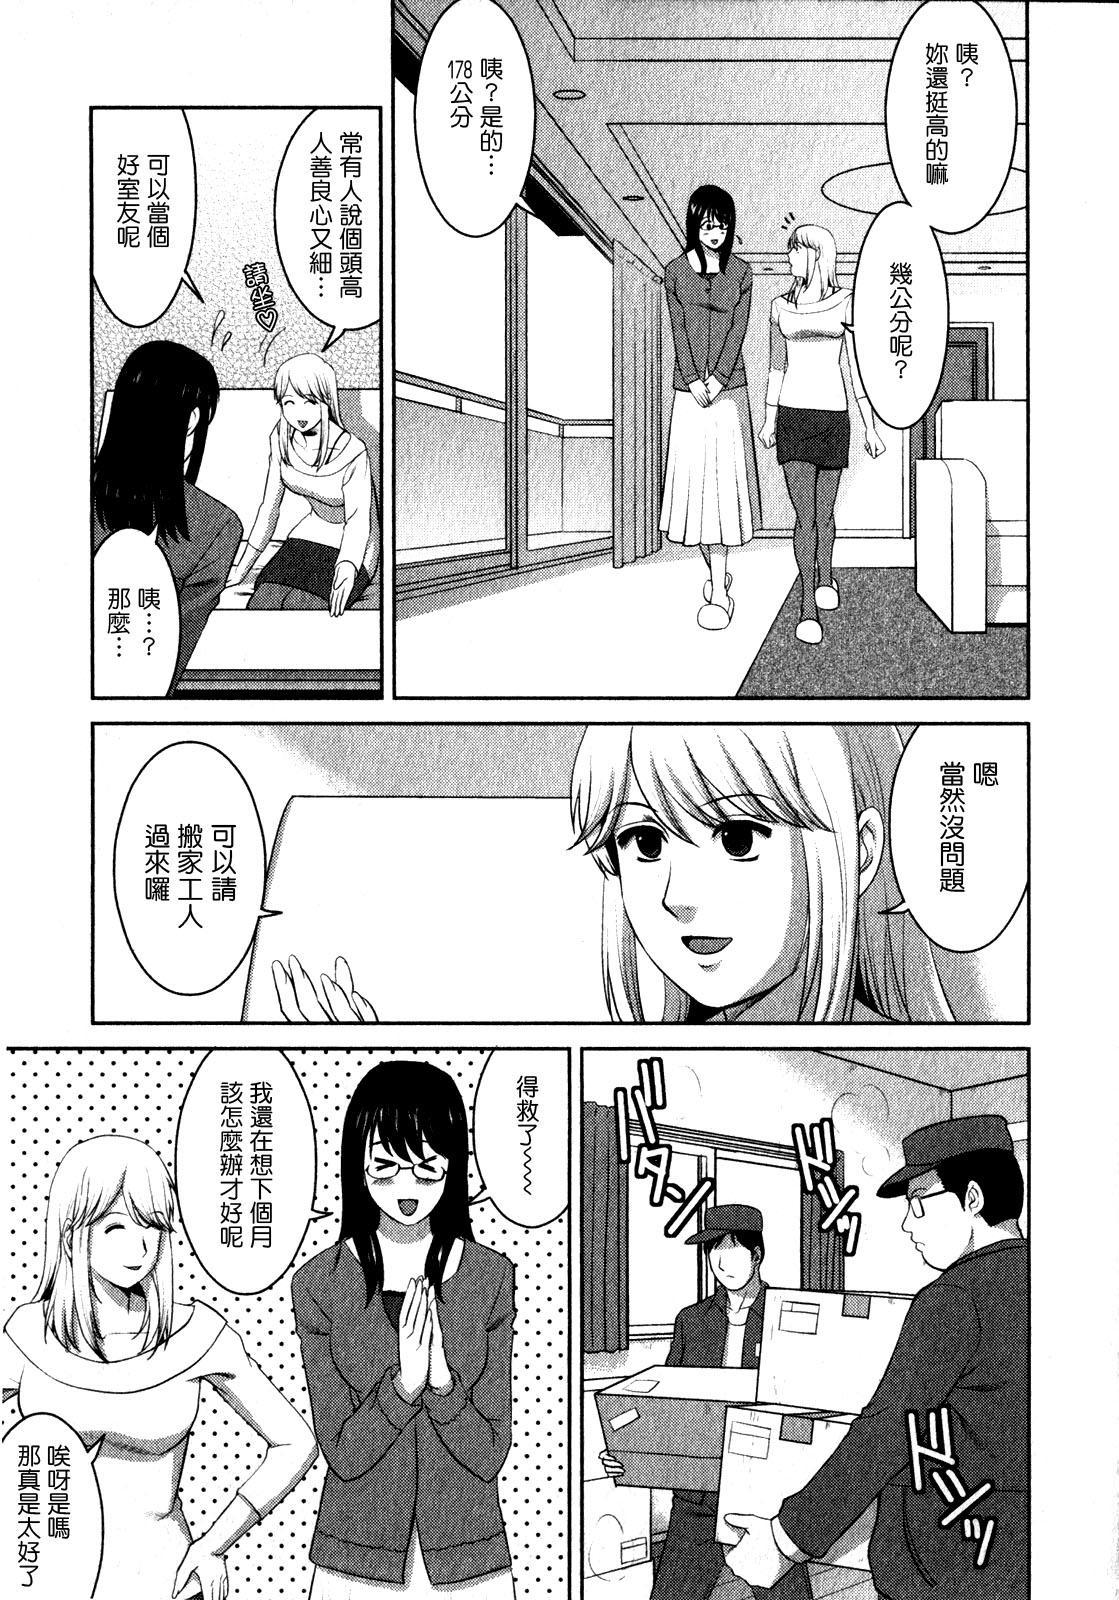 Otaku no Megami-san 1 10